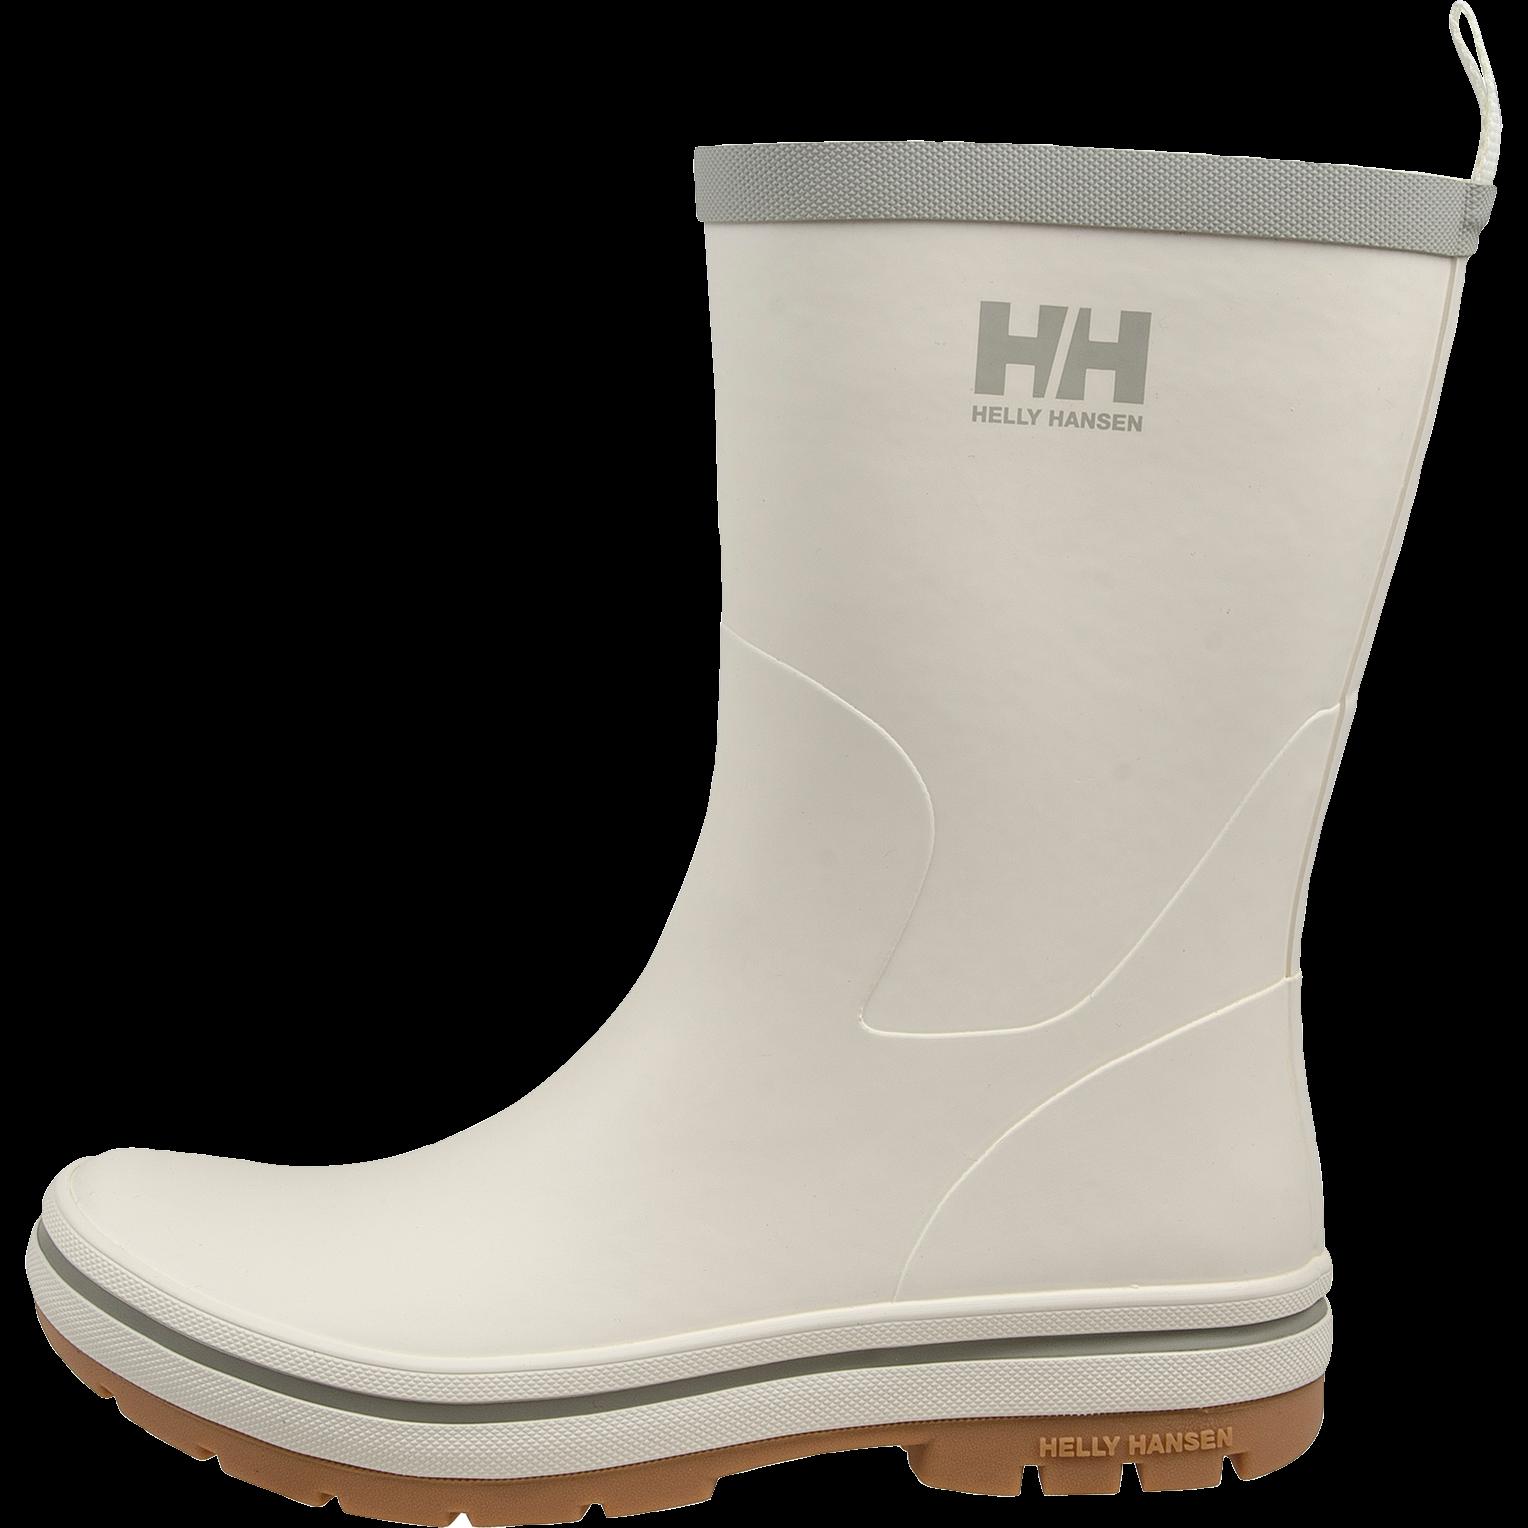 Zapatos negros Helly Hansen Midsund para mujer NnQ9ccDKm0